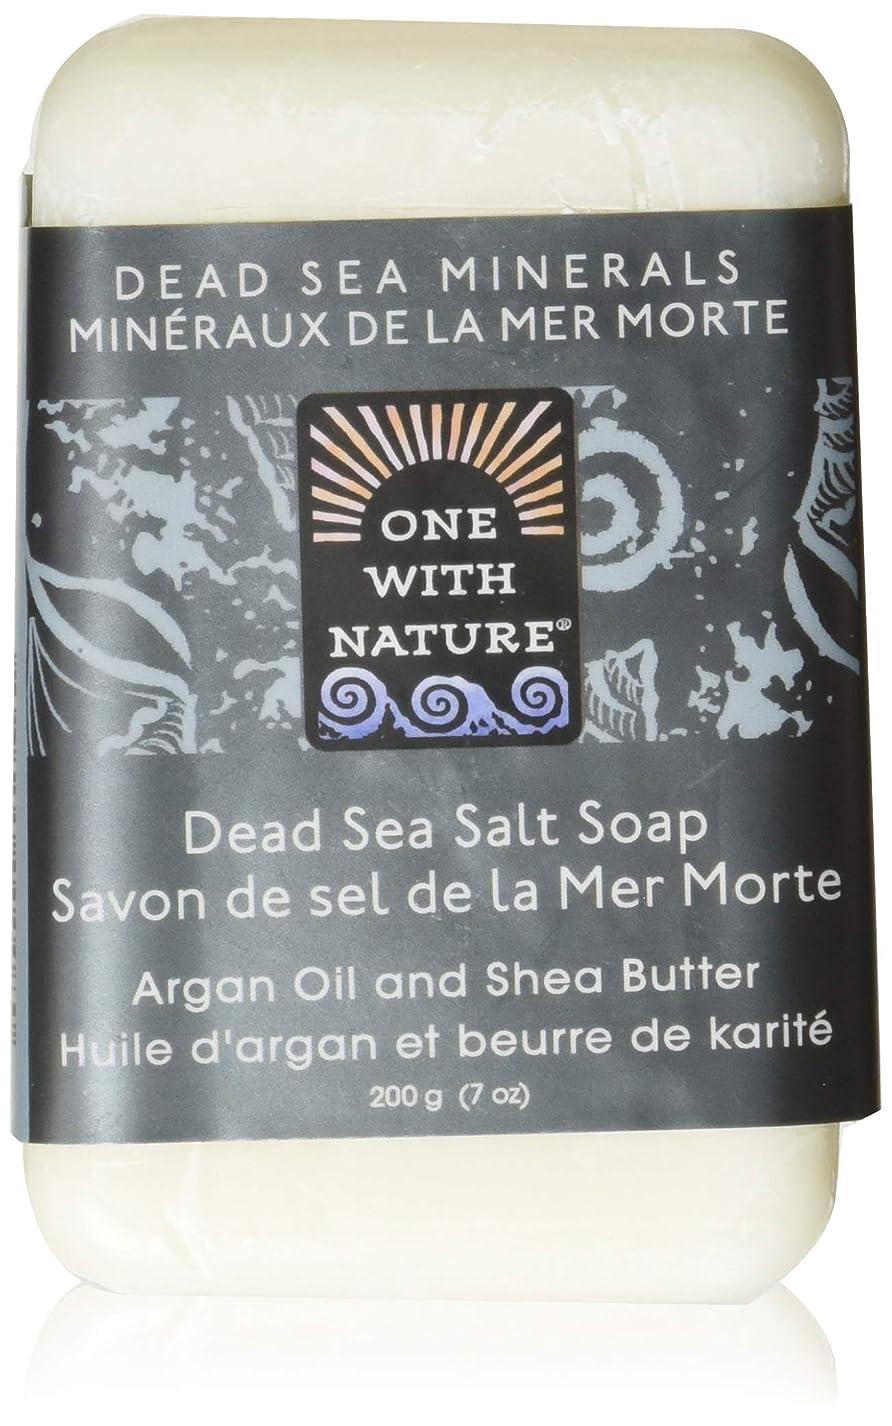 貧困ブルジョンカウントDead Sea Mineral Dead Sea Salt Soap - 7 oz by One With Nature